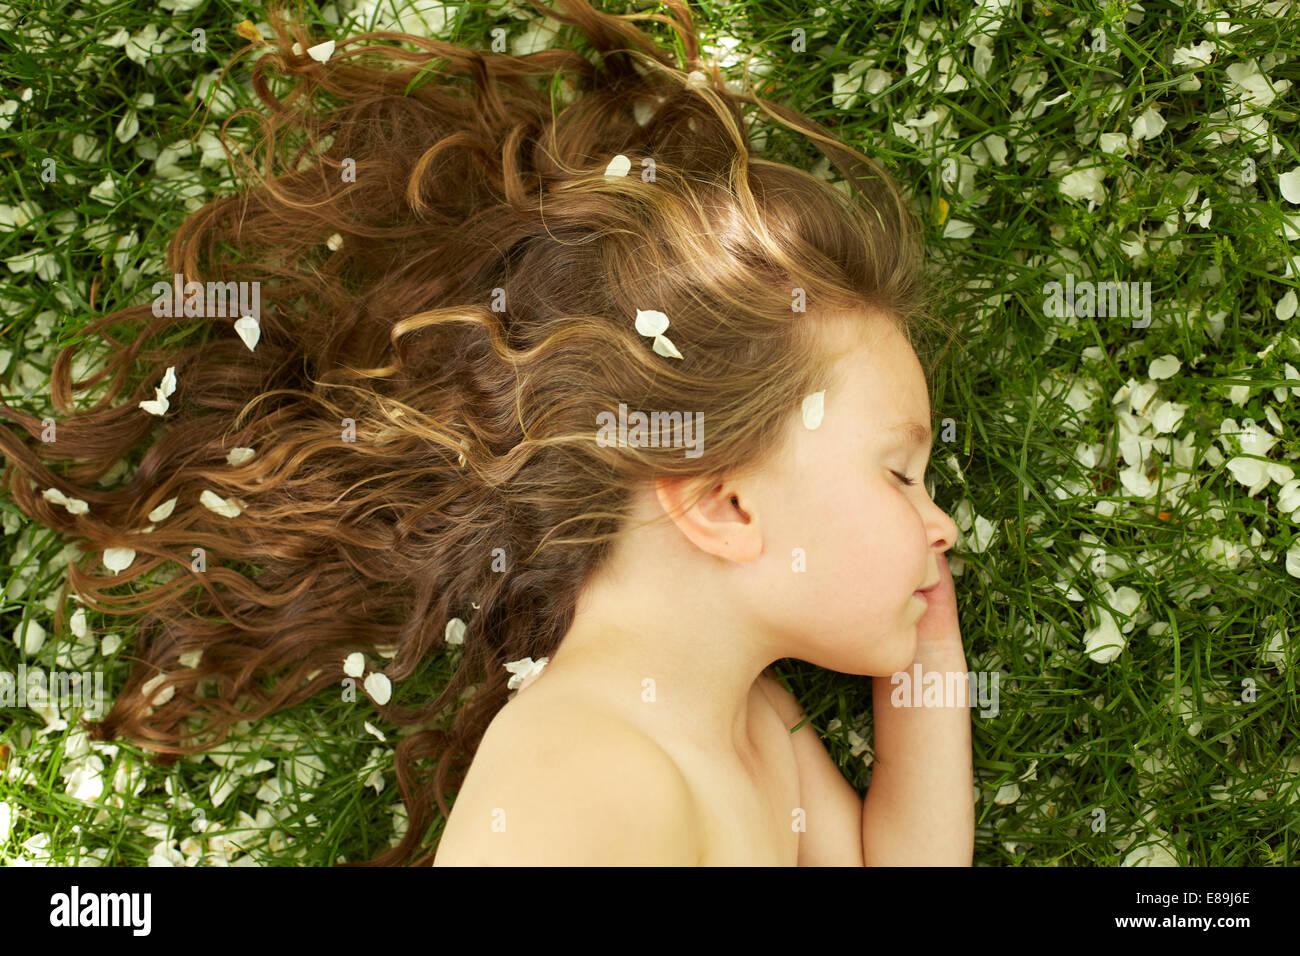 Chica durmiendo en campo con pétalos de flores Imagen De Stock